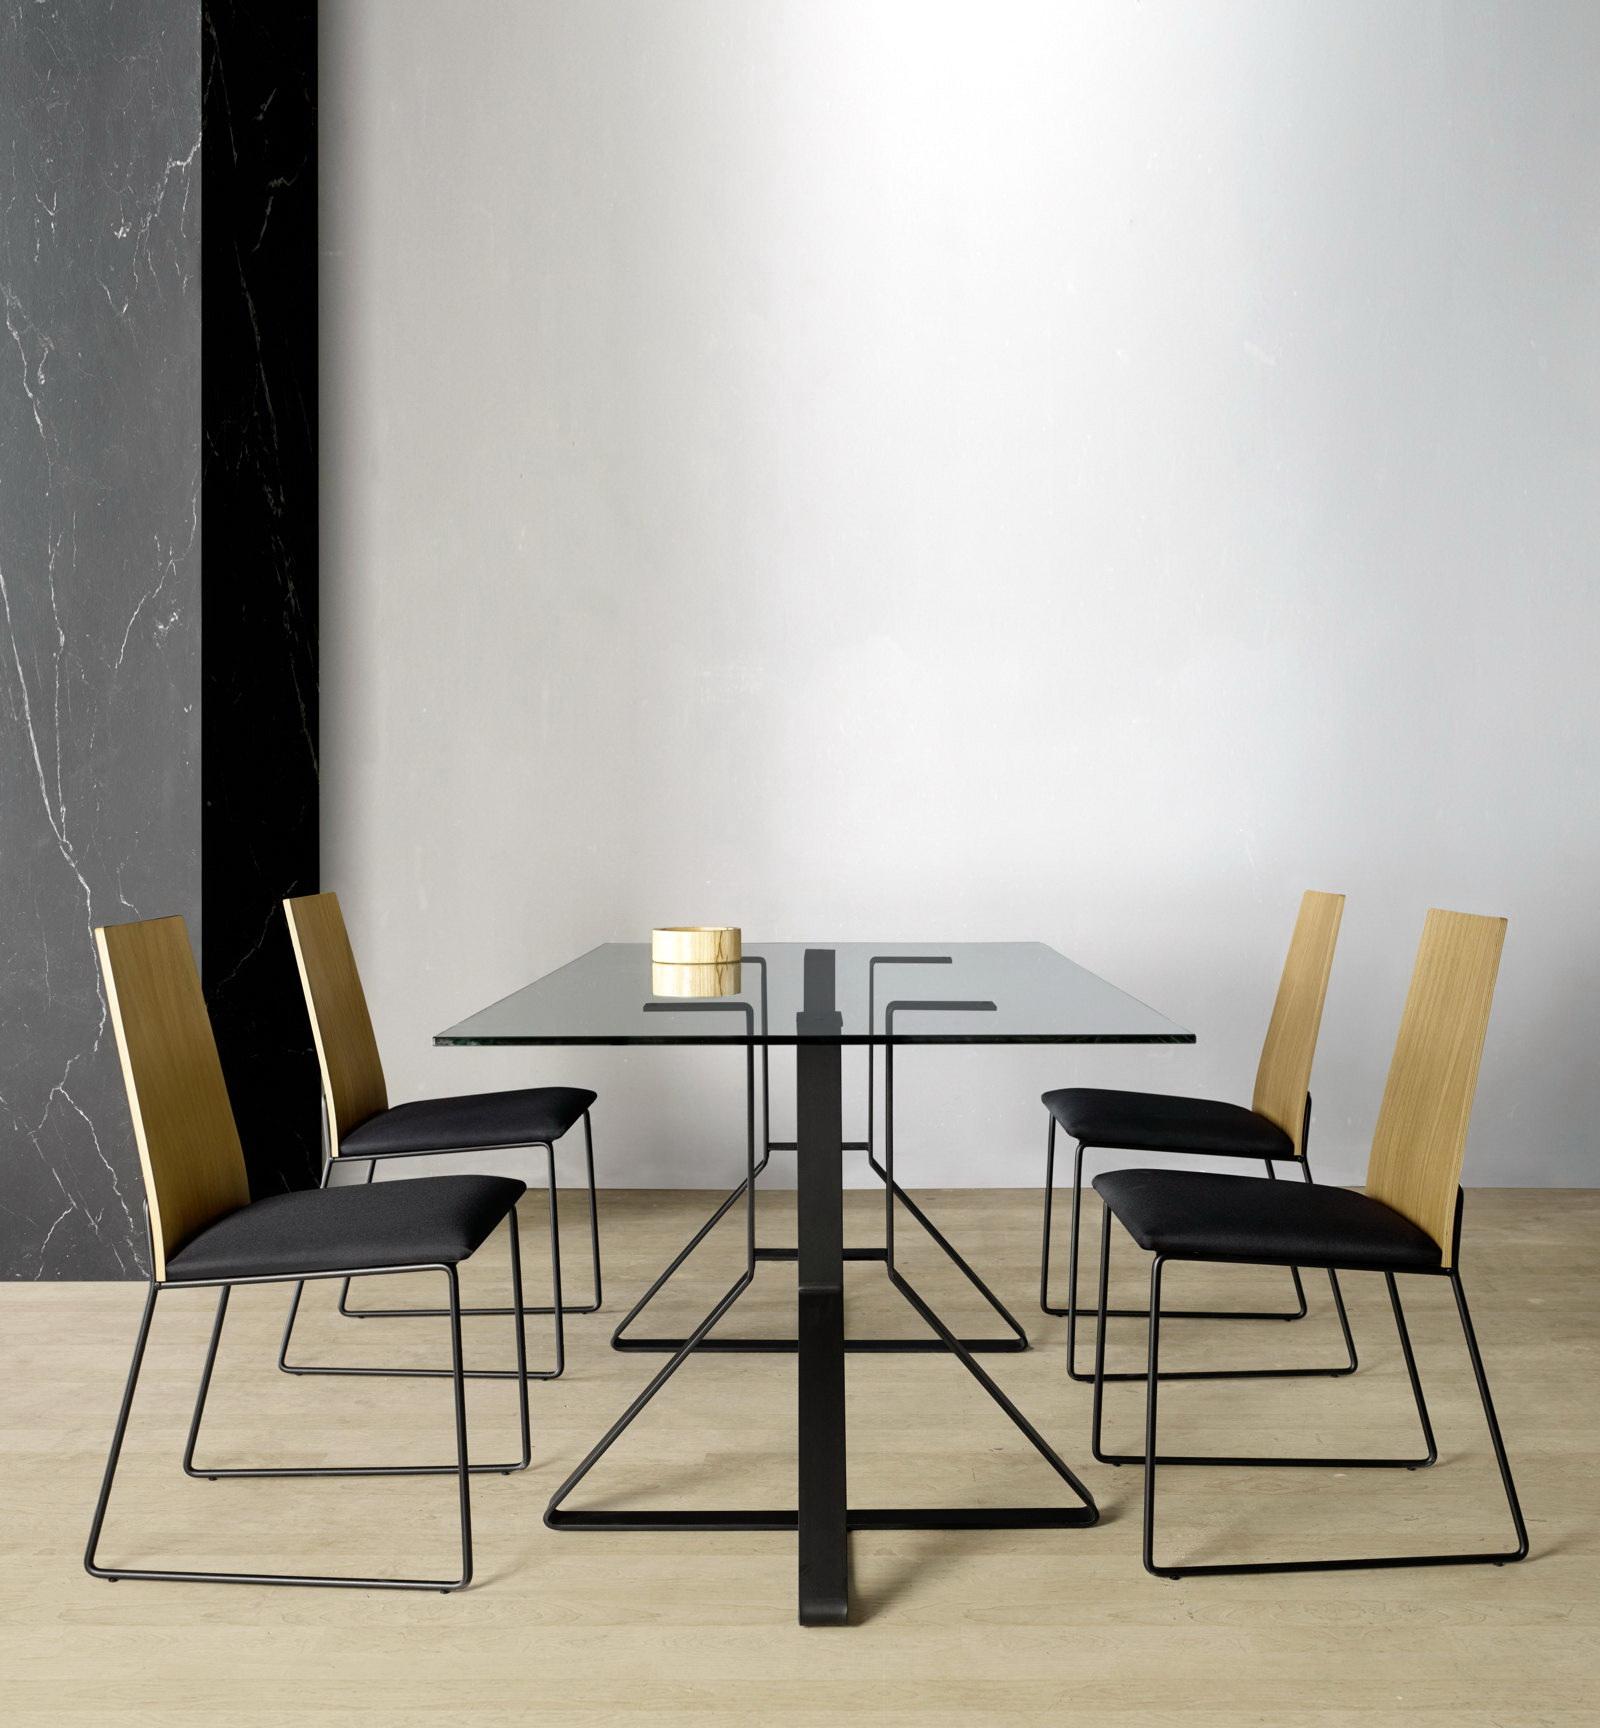 Mesas comedor estilo industrial by pemi muebles anto n for Mesa comedor estilo industrial